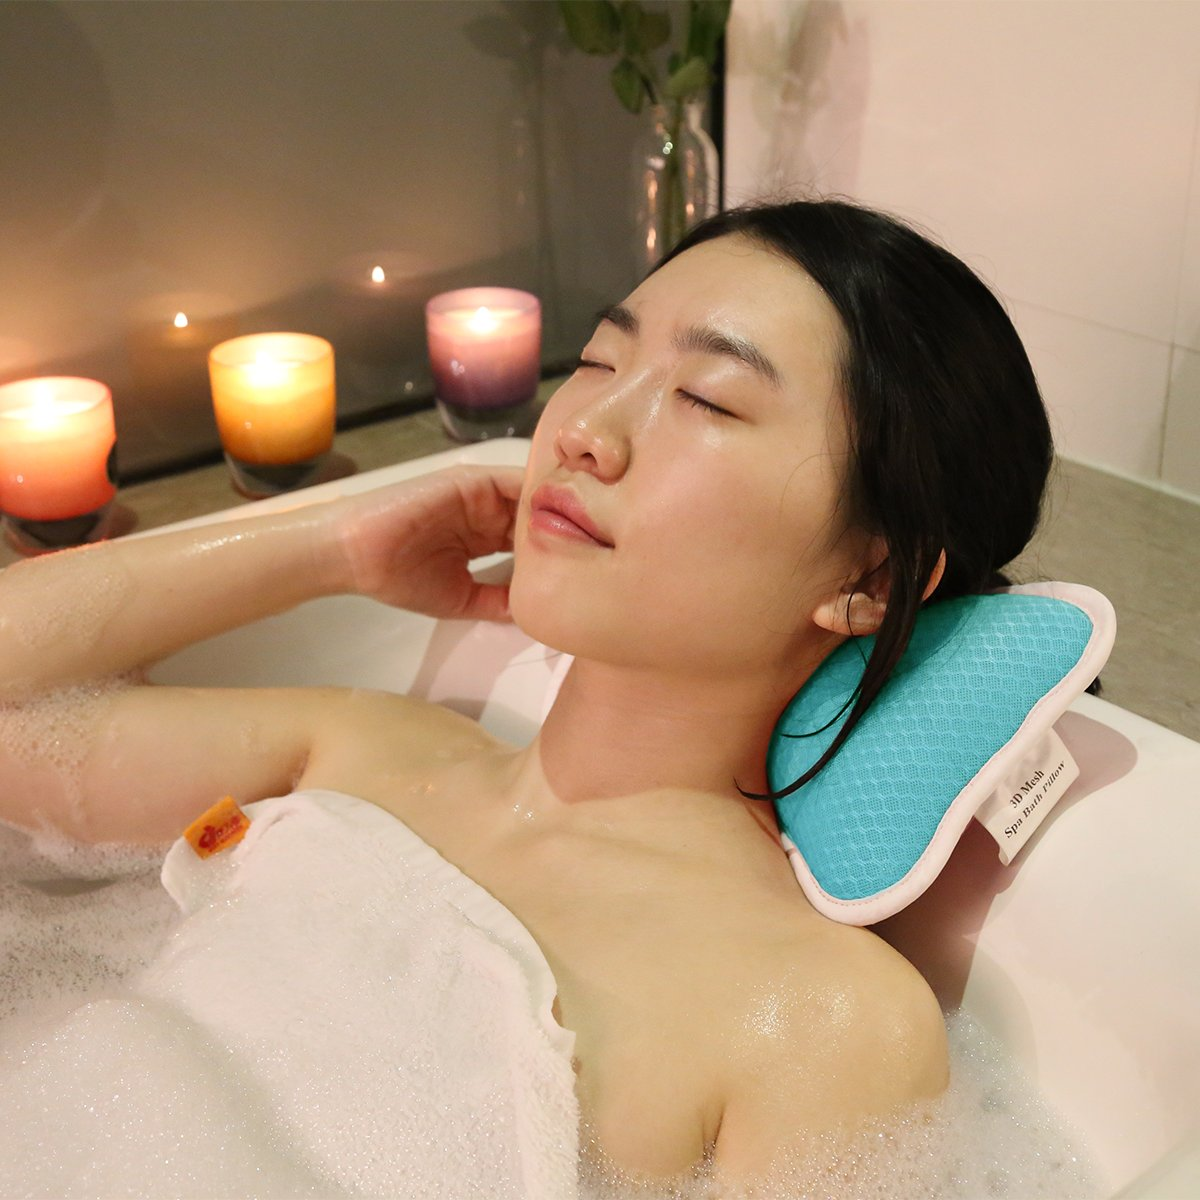 Bleu Remplissage de 3D Maille pour Baignade Confortable Design Ergonomique Oreiller de Baignoire Antid/érapant avec Ventouses Petit Cou Support Oreiller de Bain de Relaxation